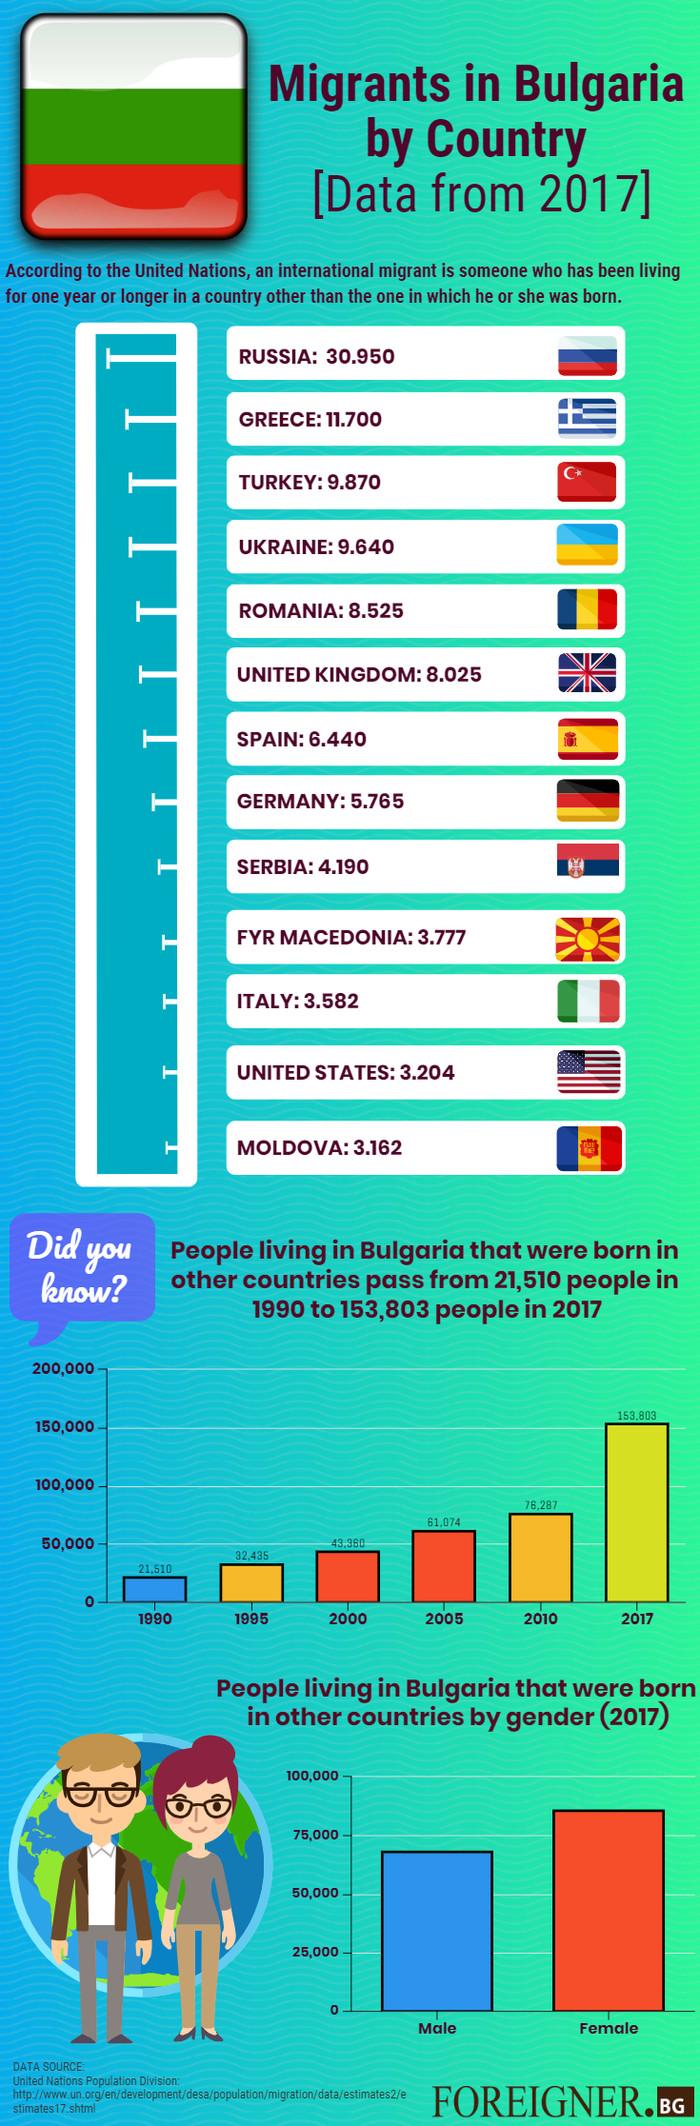 Миграция в Болгарию с 1990 до 2017 Болгария, Миграция, Переезд, Европа, Длиннопост